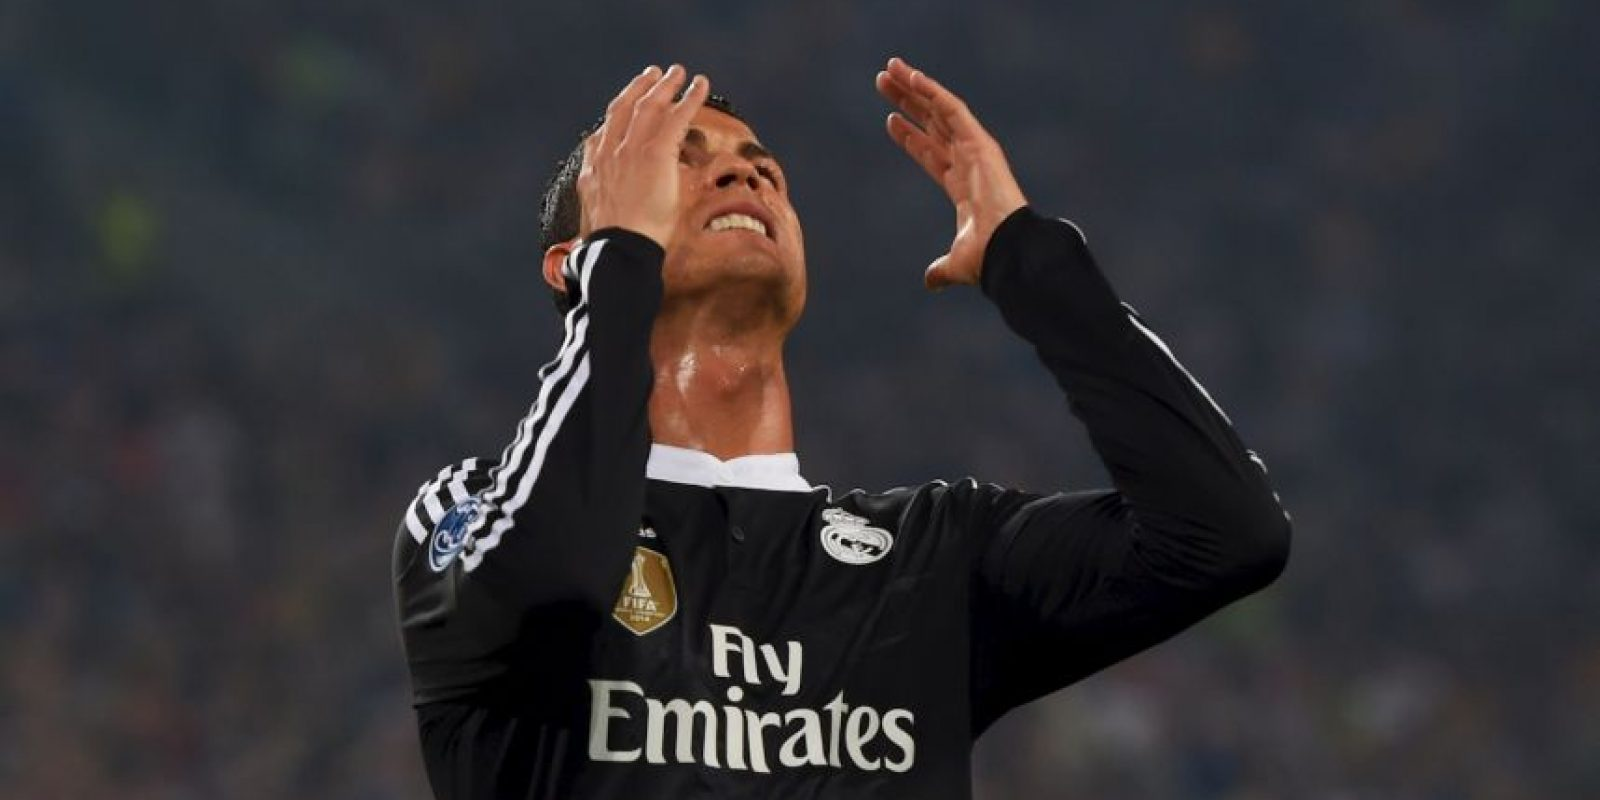 """Cristiano Ronaldo tiene una marca goleadora impresionante, pero la """"suerte"""" no ha estado de su lado pues cuando logra un triunfo individual, no ha podido revalidarlo en lo colectivo. Foto:Getty Images"""